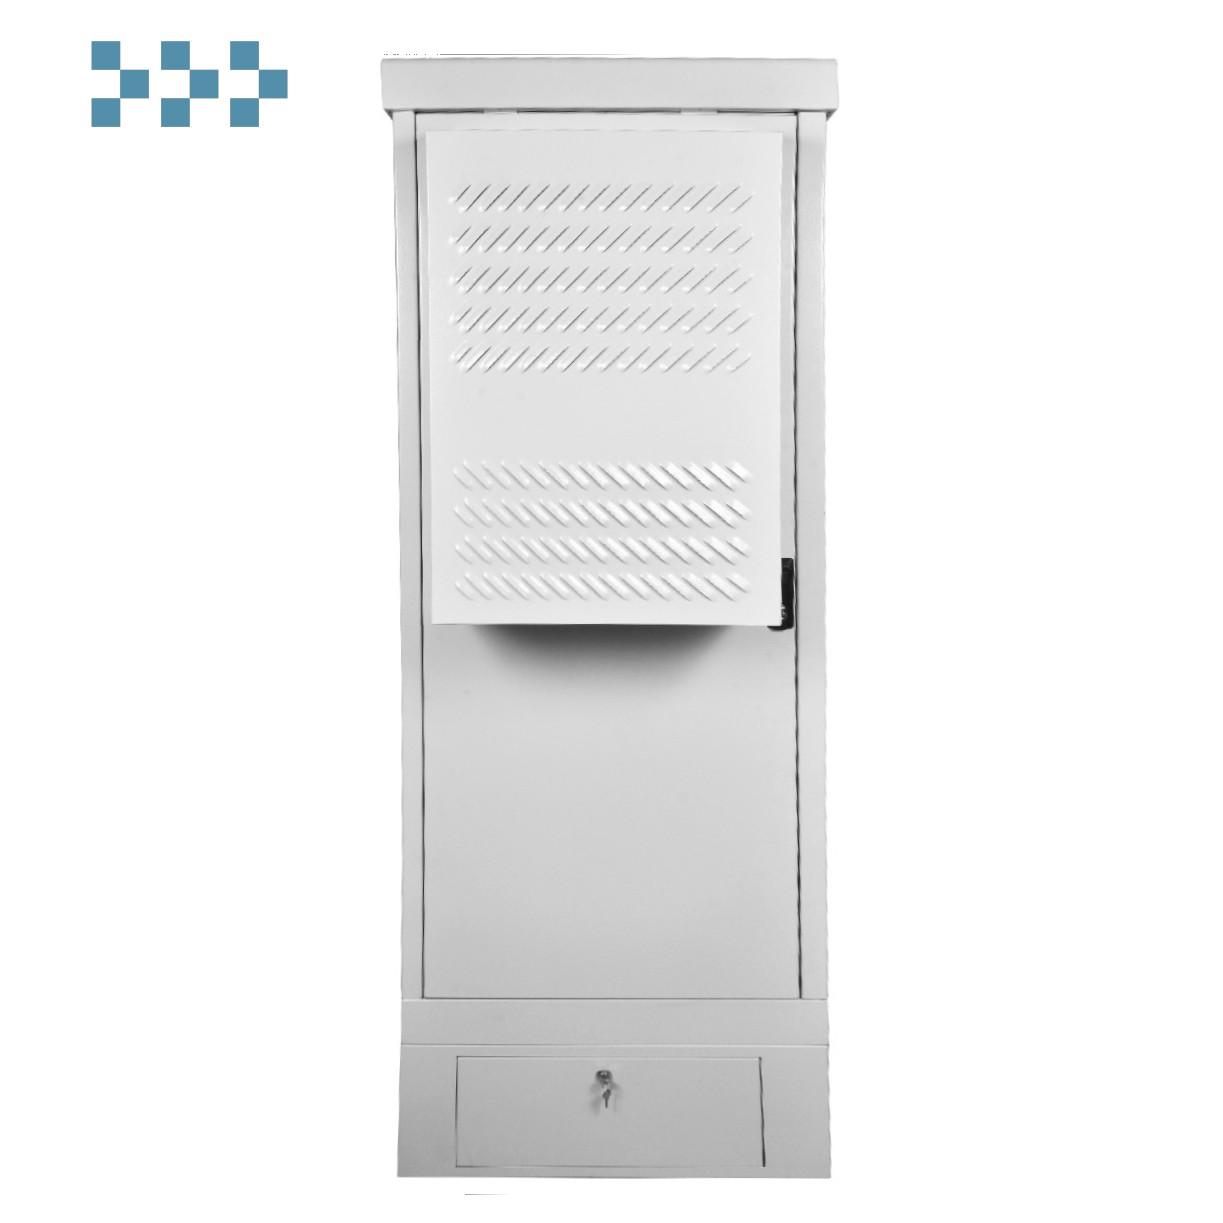 Шкаф уличный всепогодный напольный укомплектованный 18U ЦМО ШТВ-1-18.7.9-К3АА-ТК